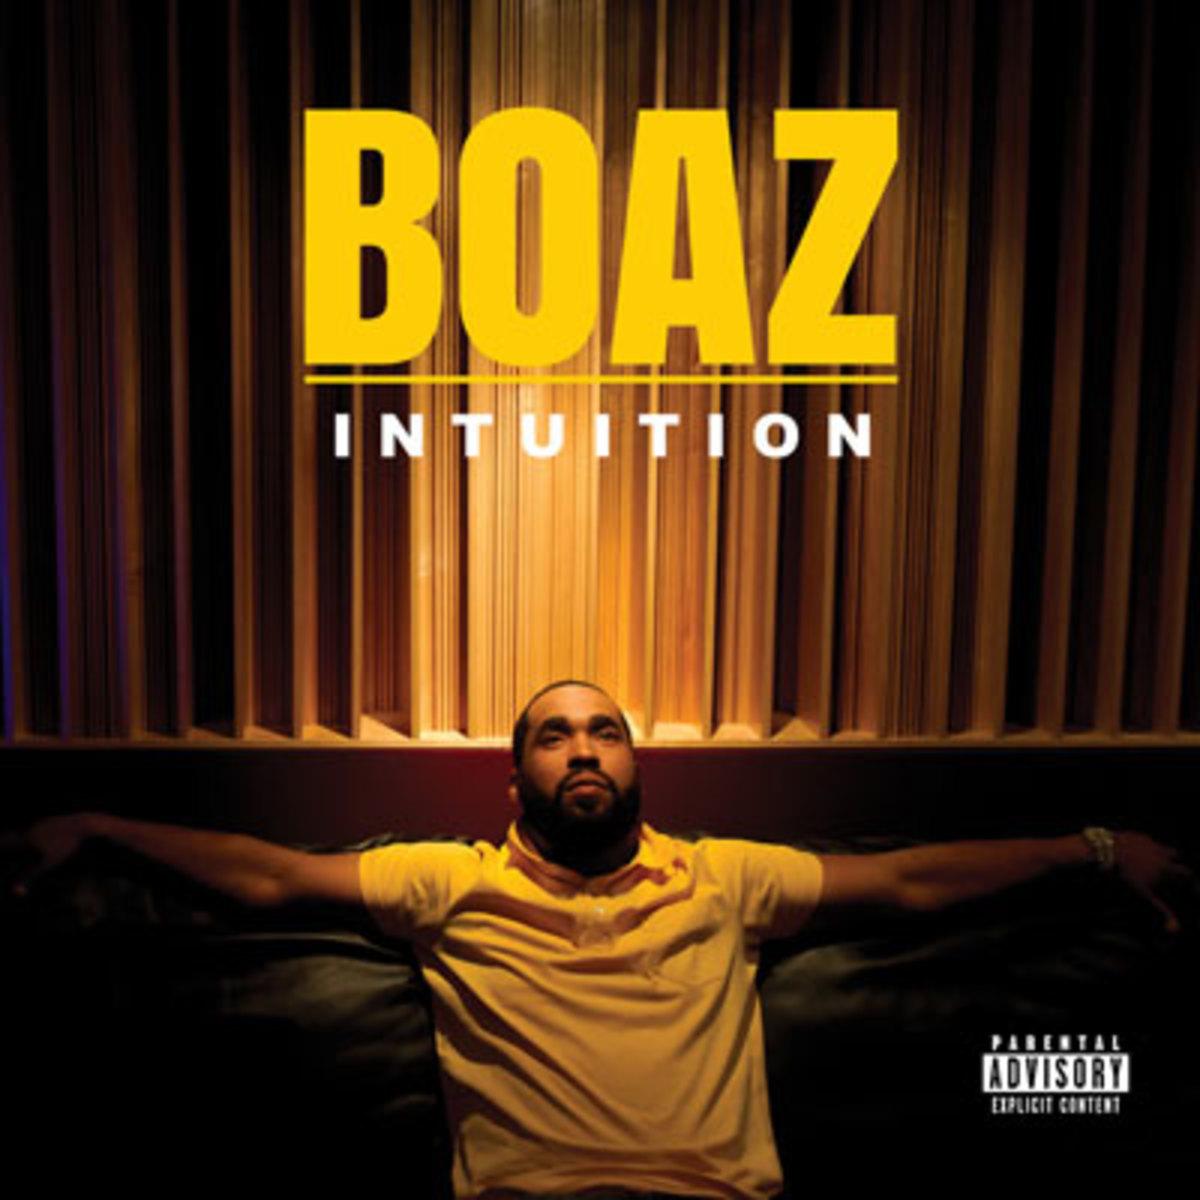 boaz-intuition.jpg